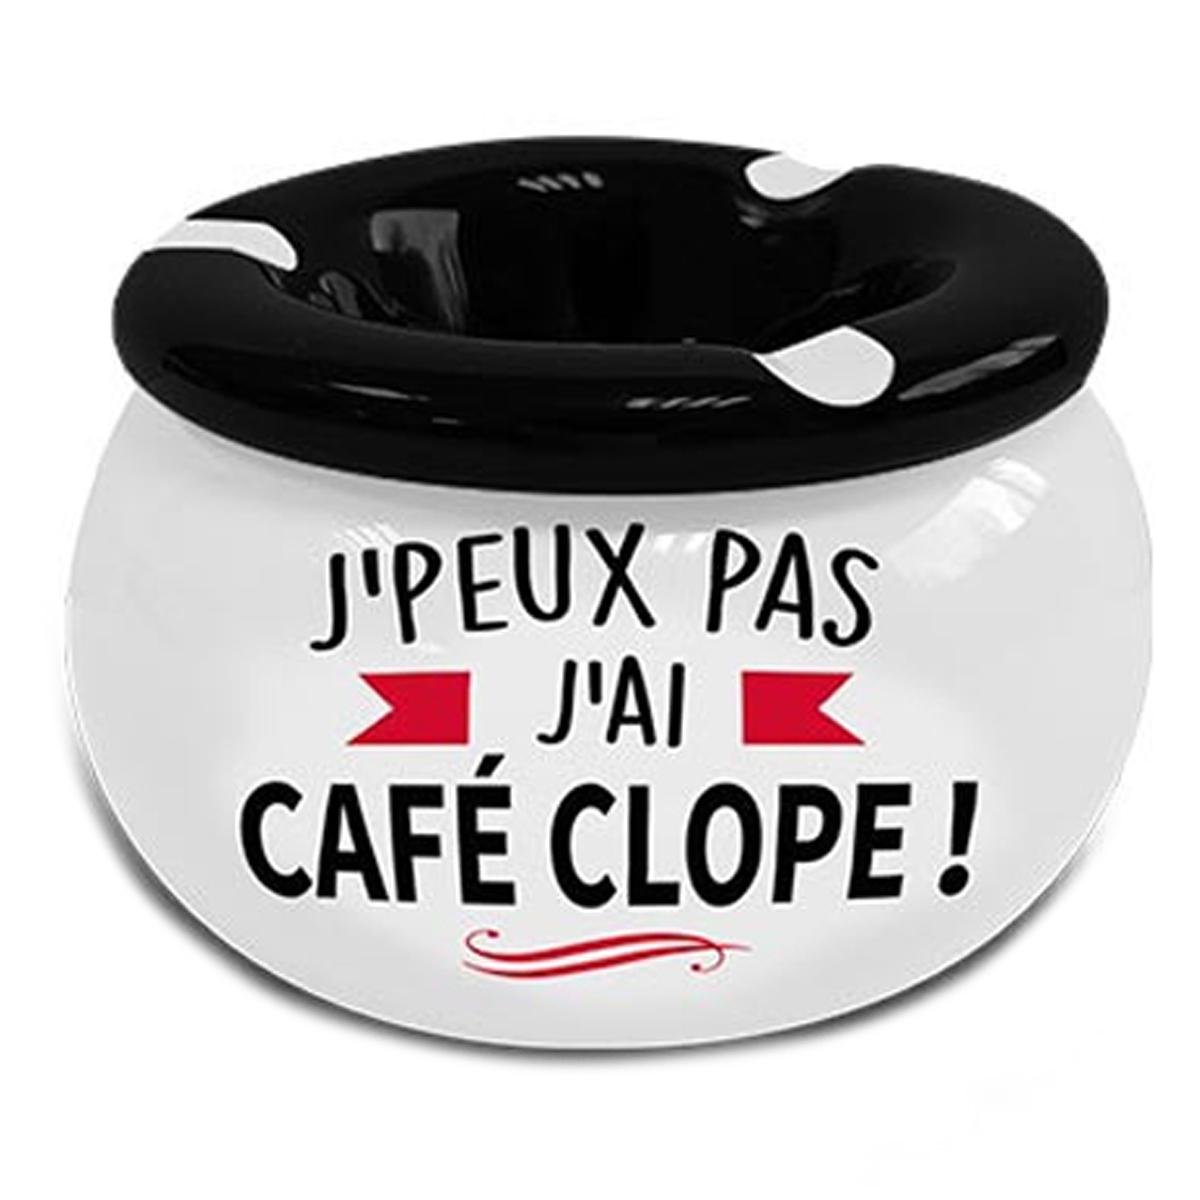 Cendrier marocain céramique \'Messages\' blanc noir (J\'peux pas, j\'ai Café Clope !) - 9x6 cm - [A3152]